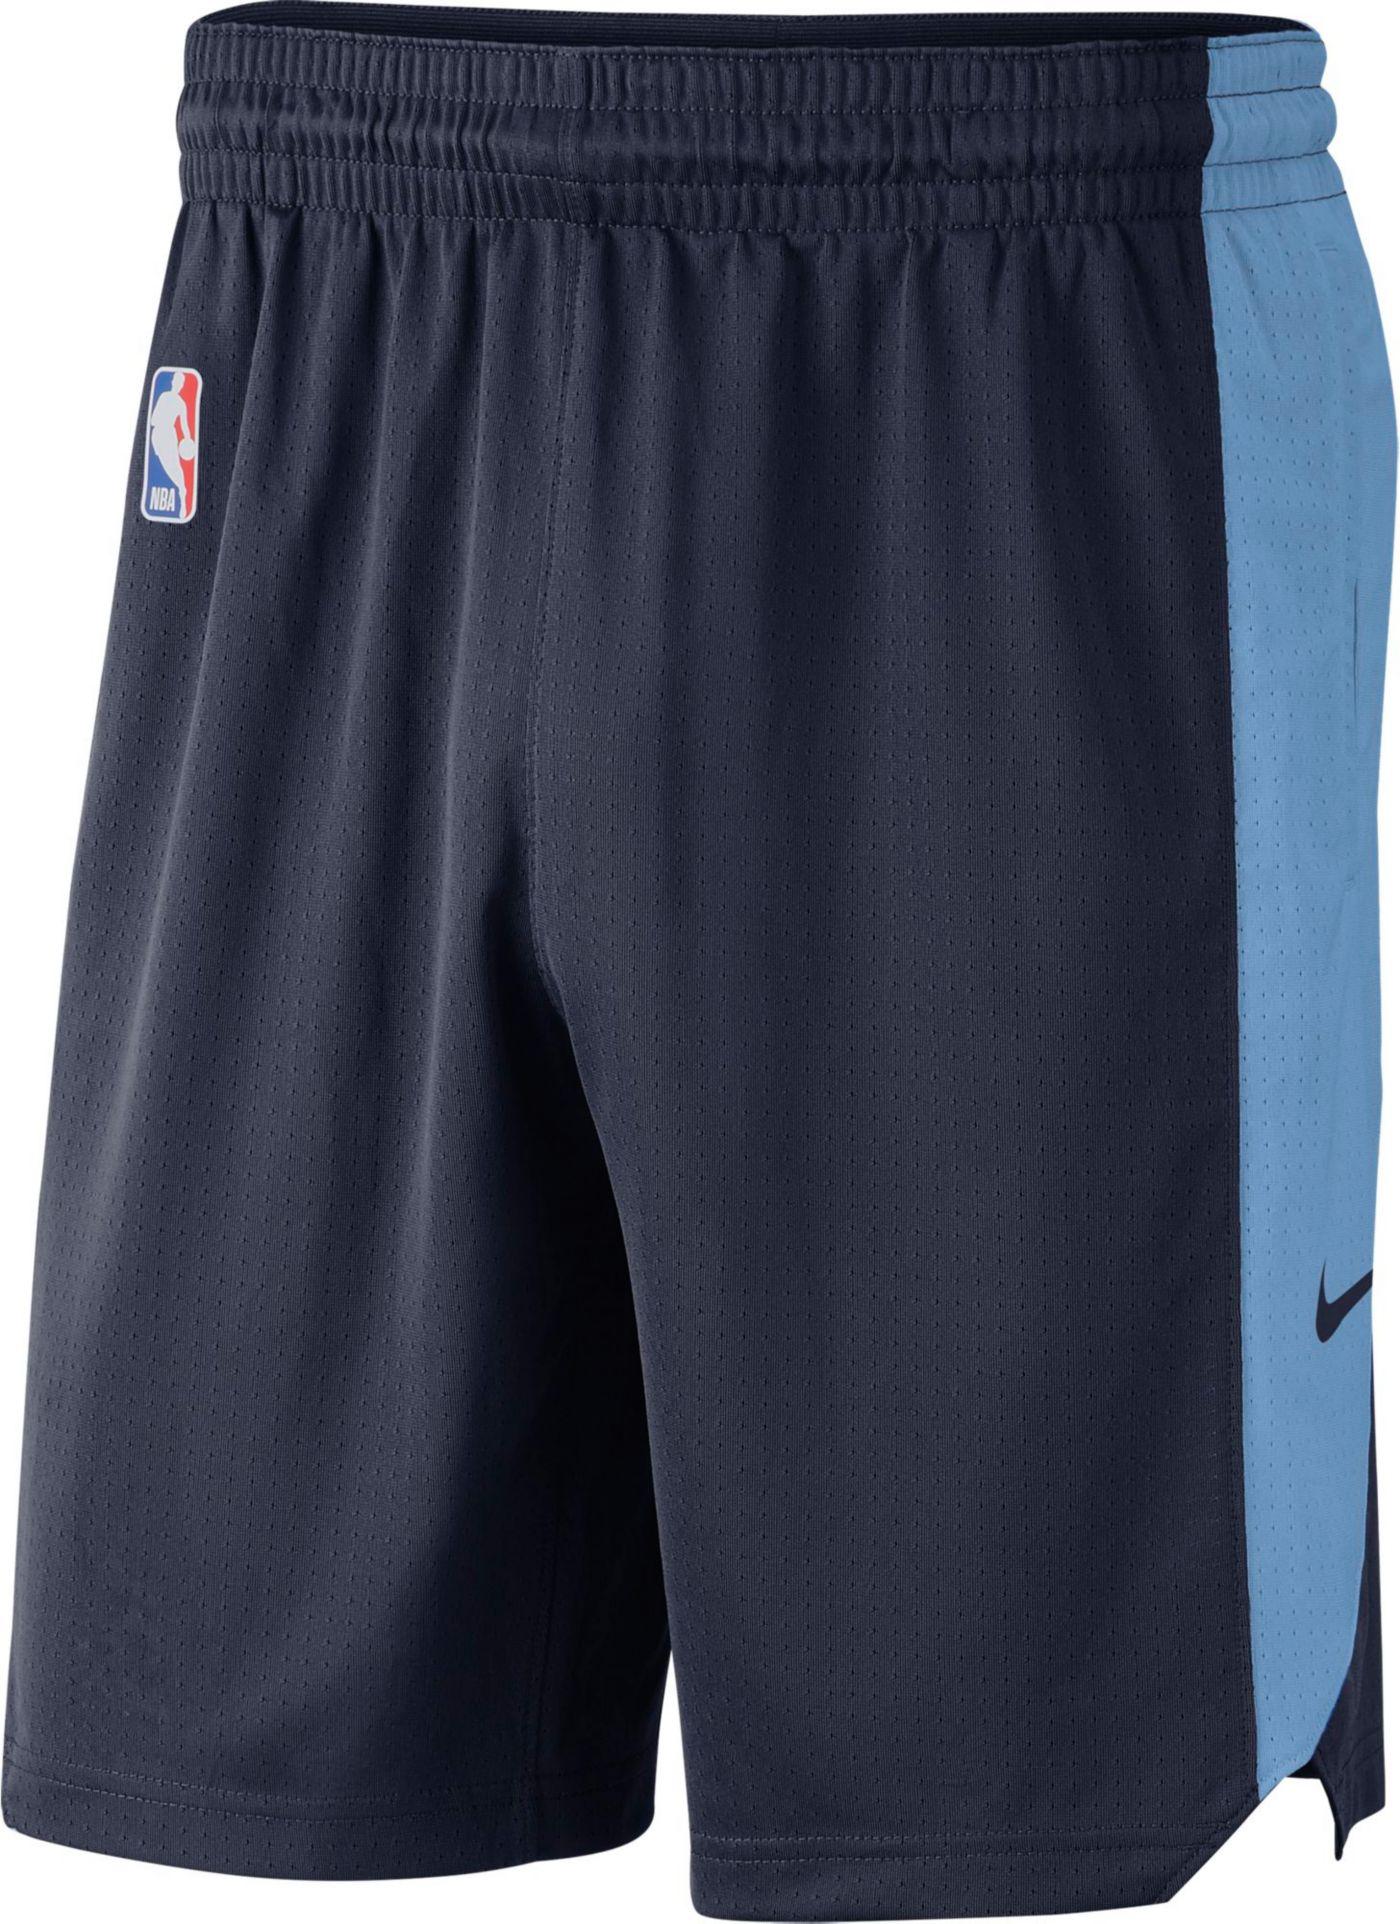 Nike Men's Memphis Grizzlies Dri-FIT Practice Shorts